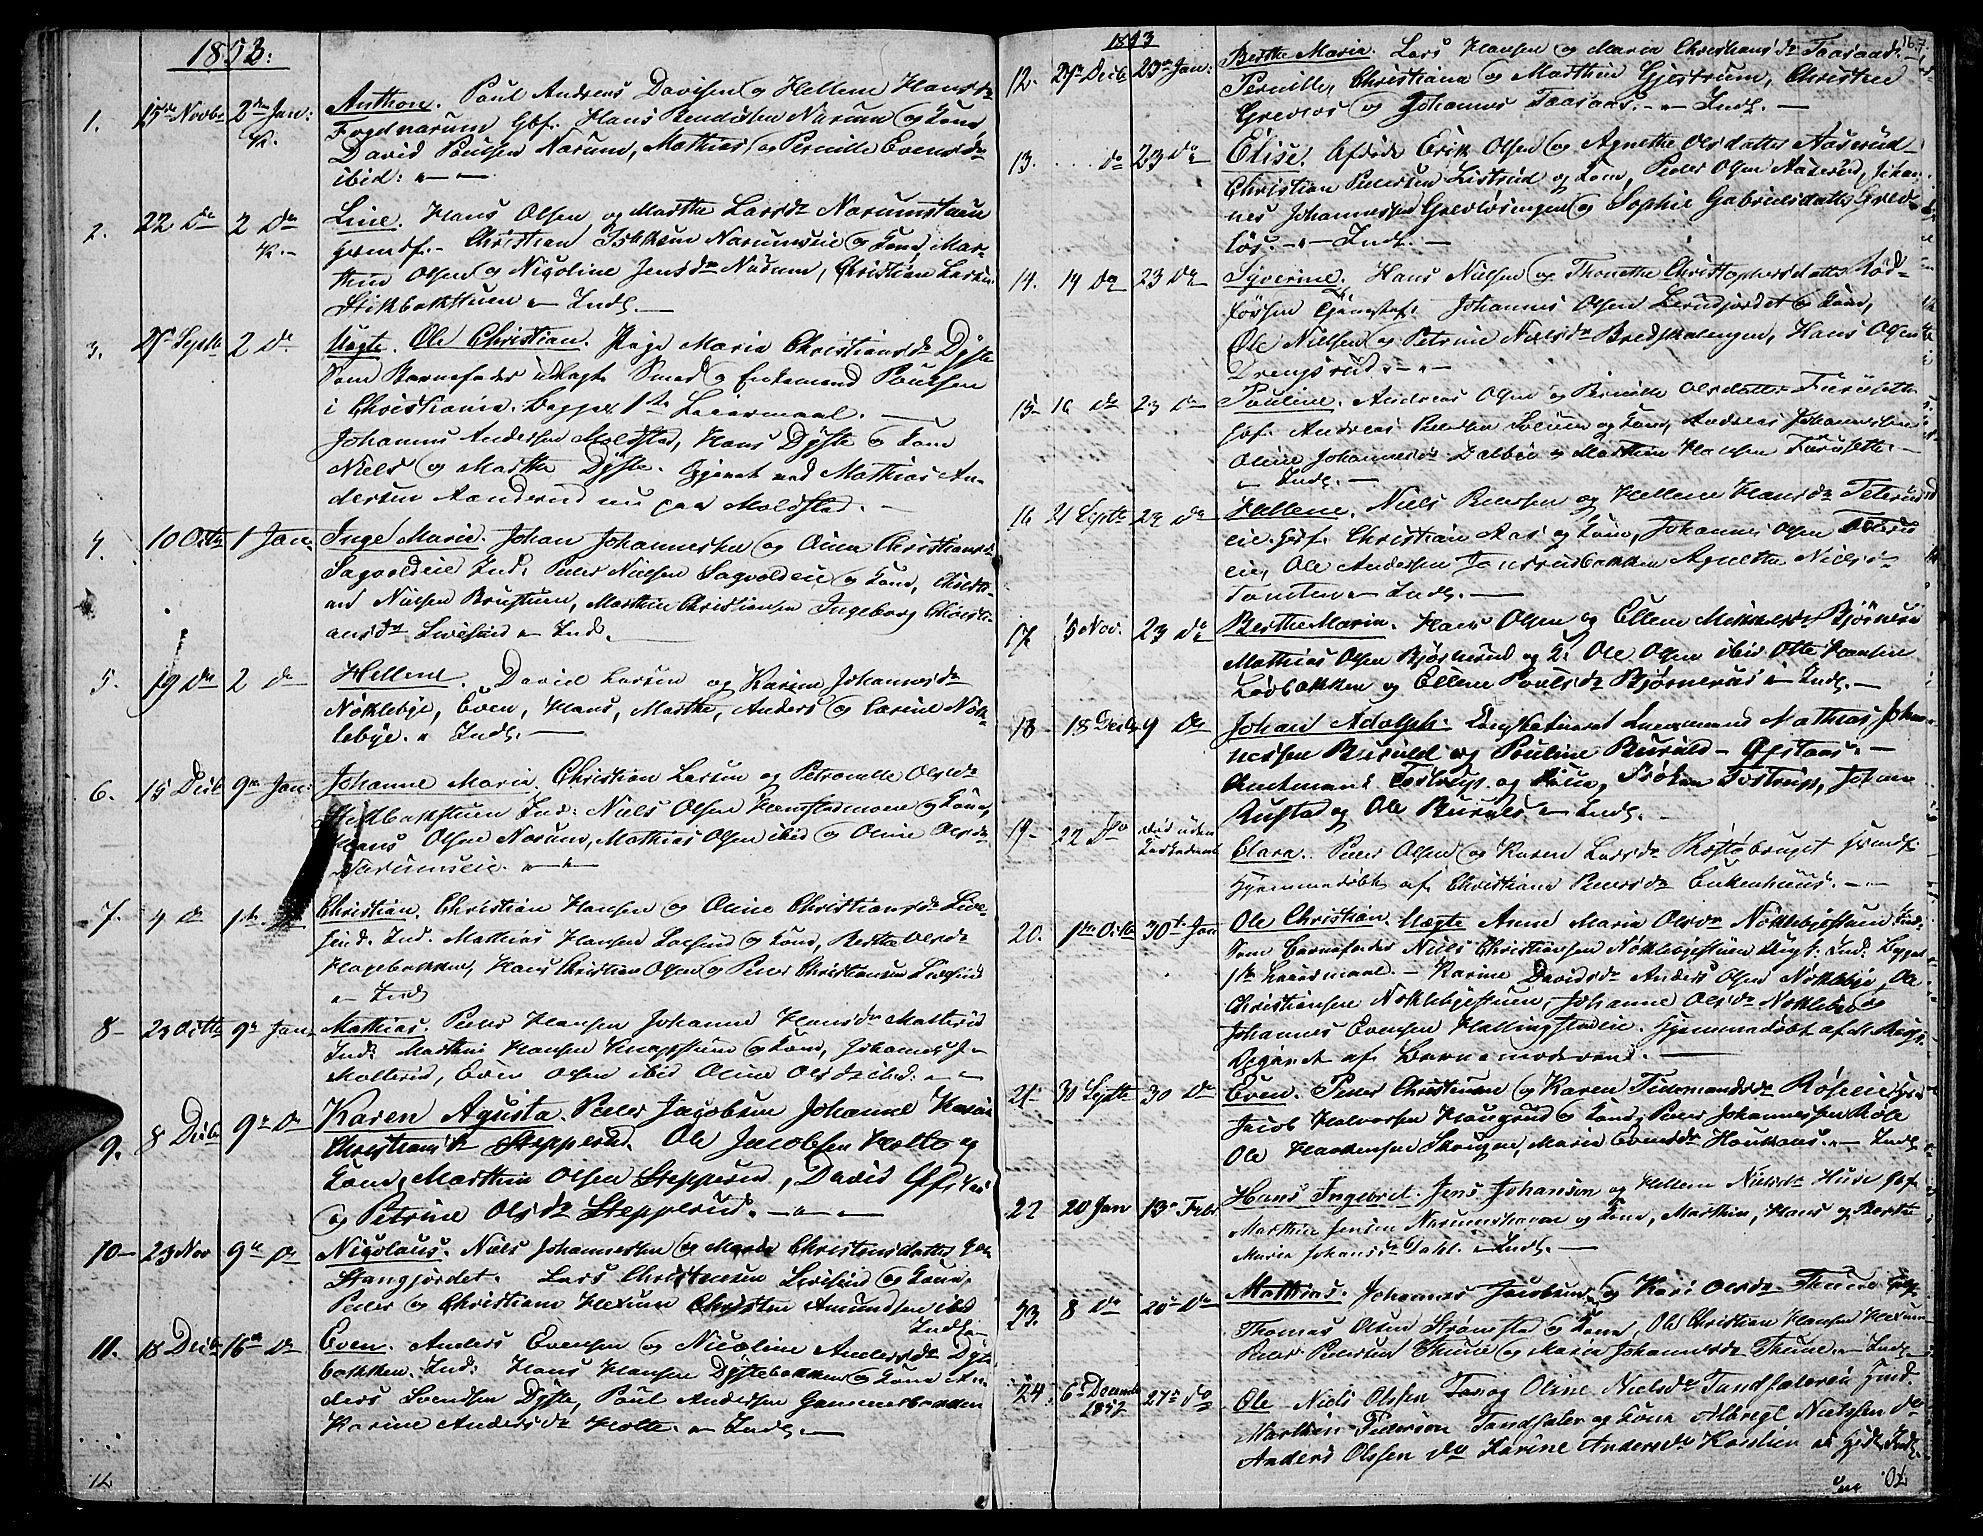 SAH, Vestre Toten prestekontor, Klokkerbok nr. 4, 1851-1853, s. 16